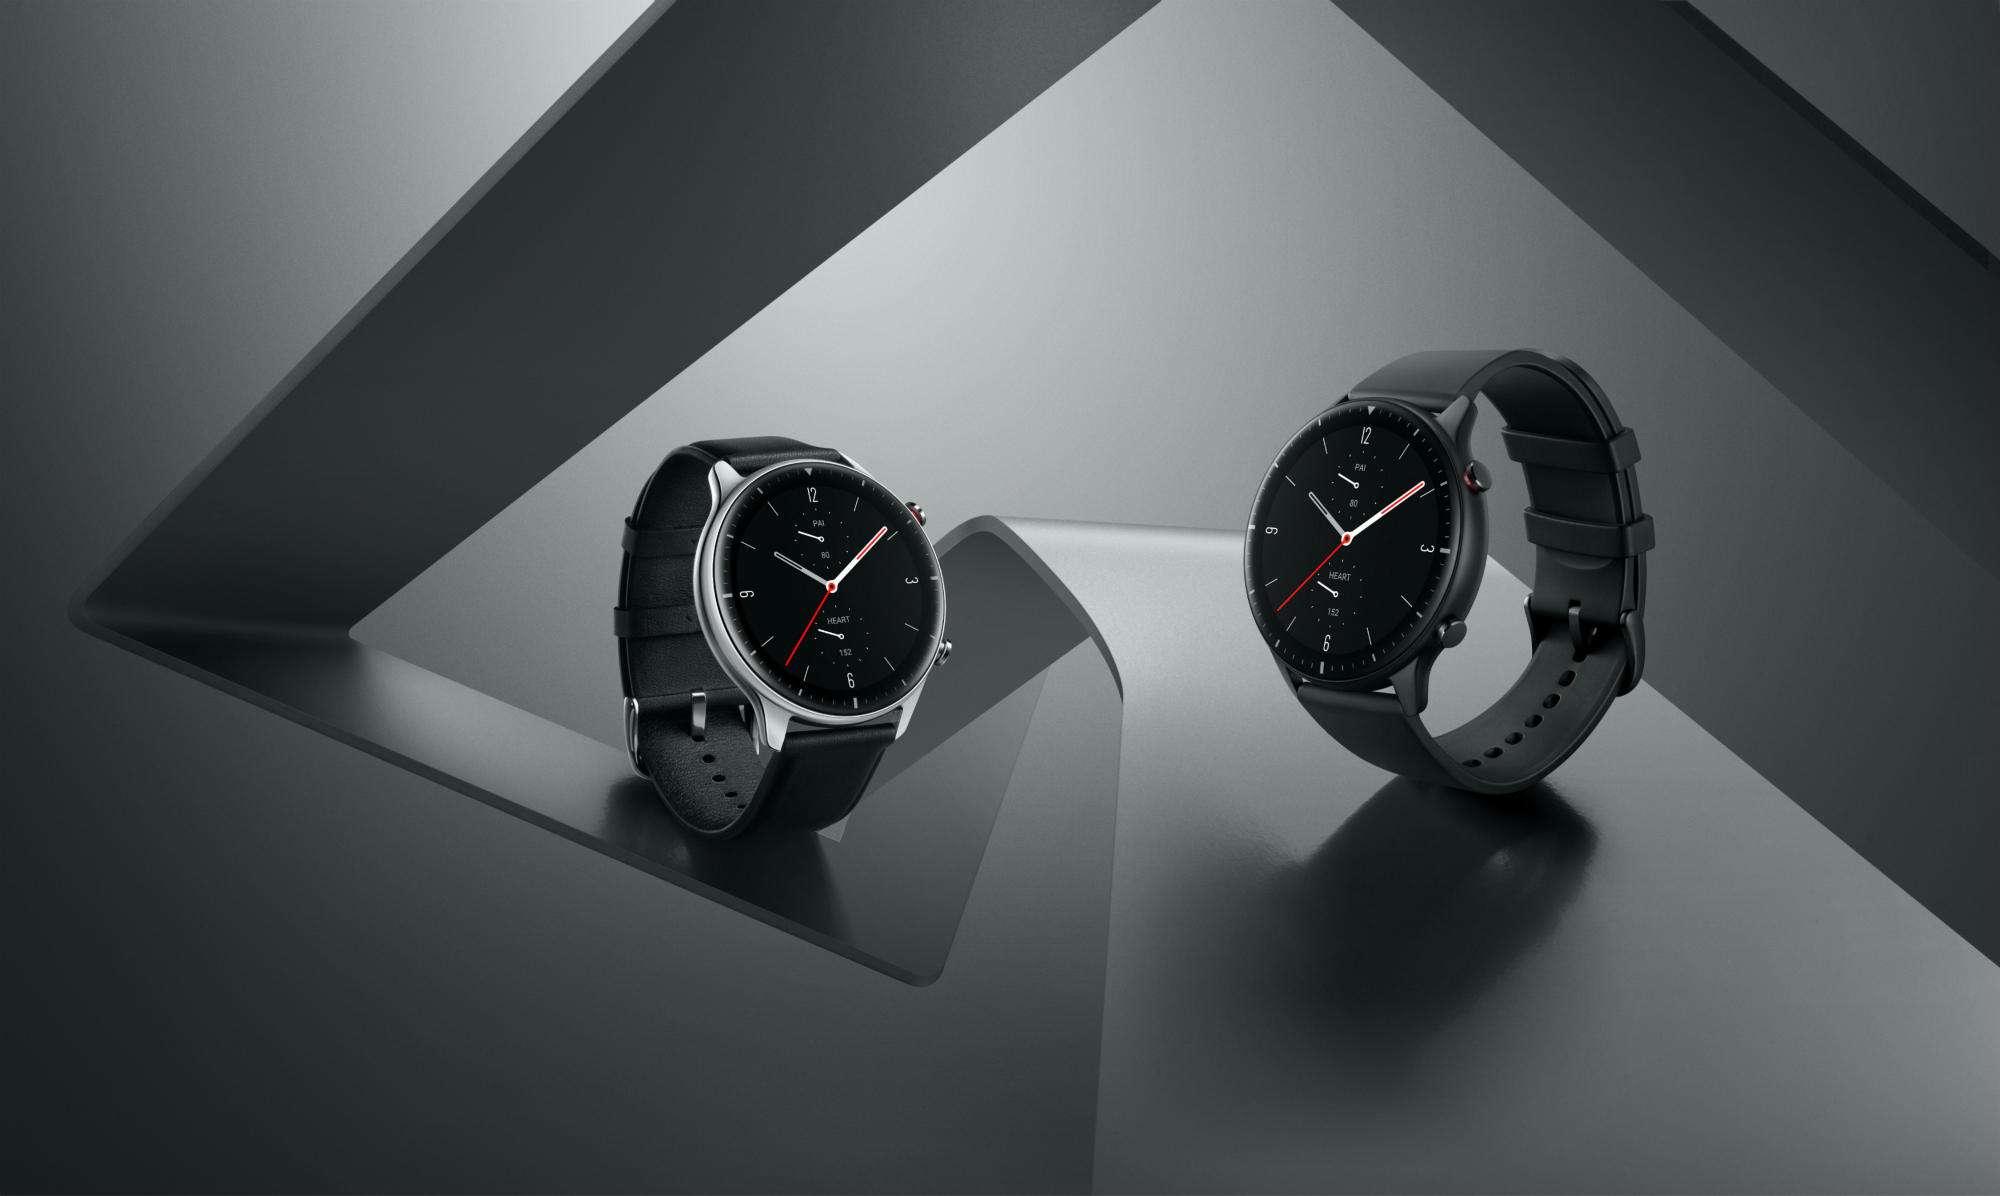 让苹果手表汗颜,华米新品智能手表搭载增强版血氧监测